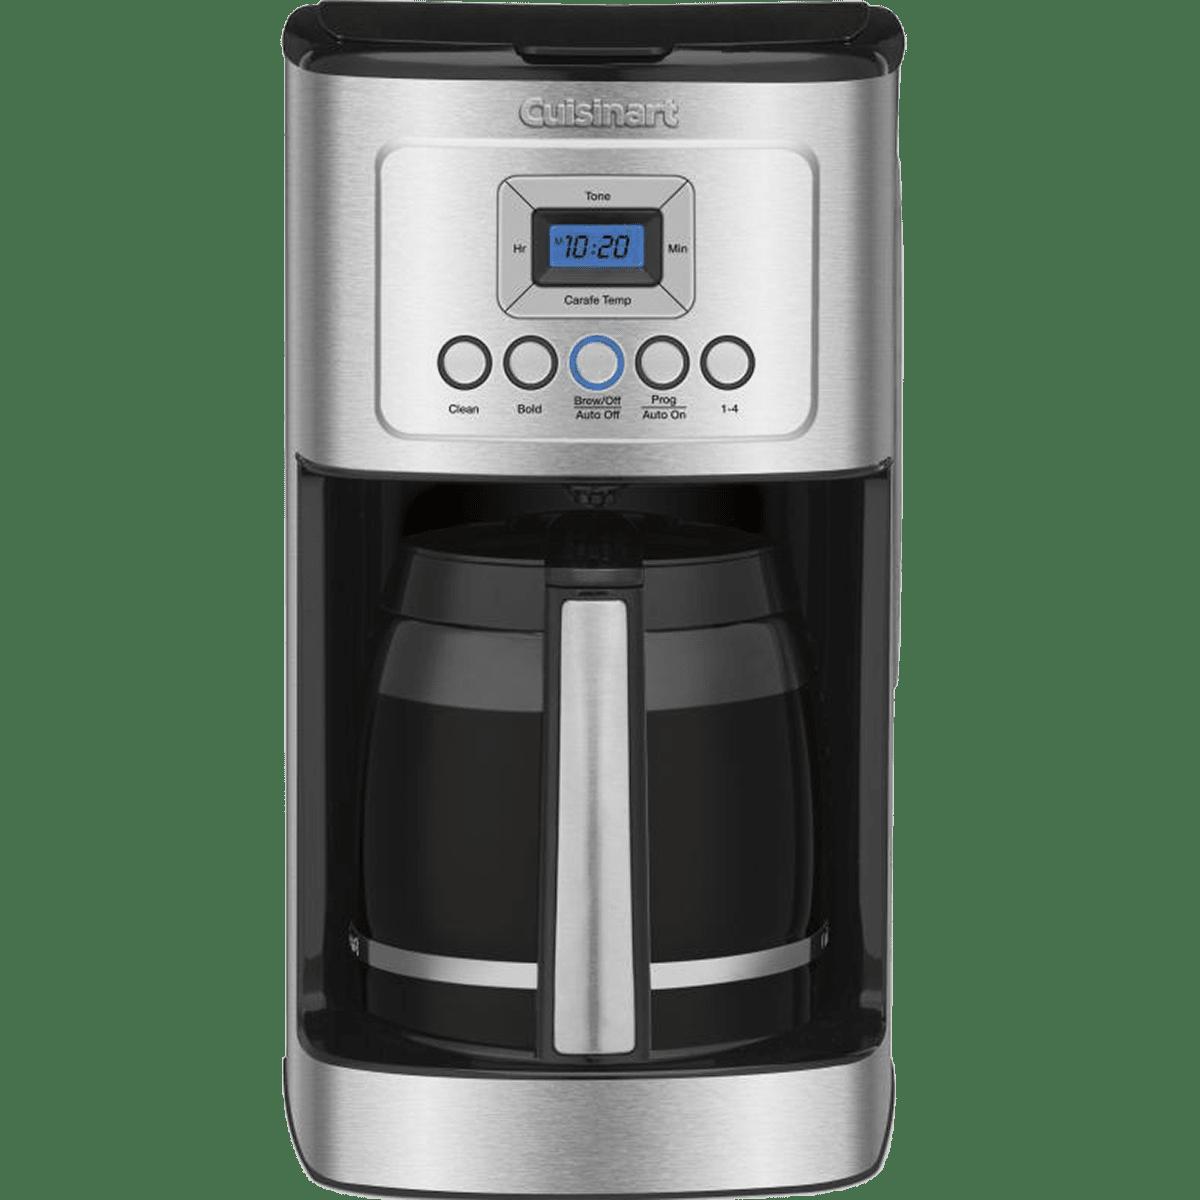 Cuisinart 14 Cup Programmable Coffeemaker Black